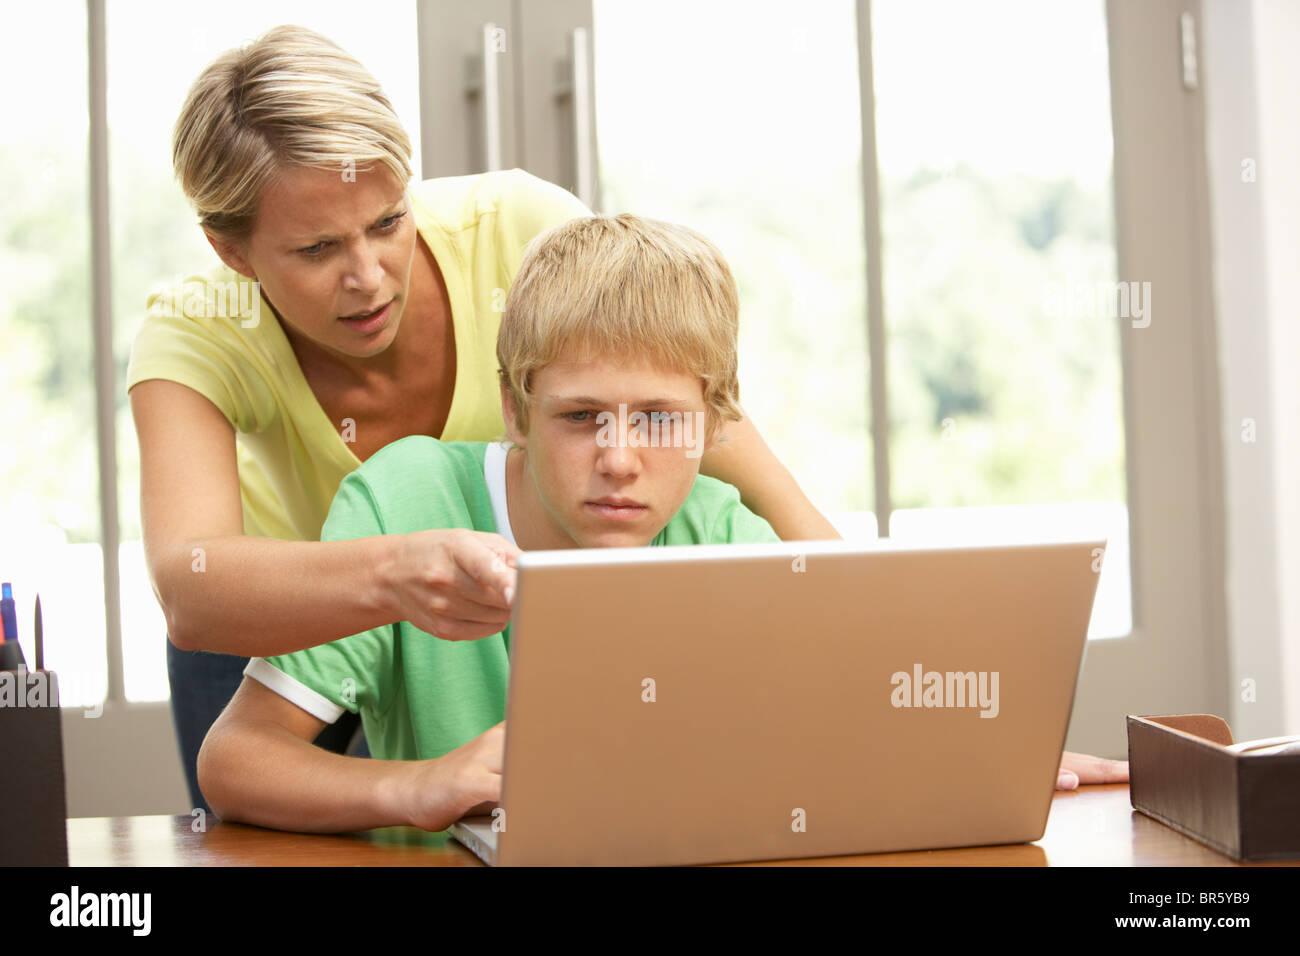 Сын пользуется матерью 8 фотография